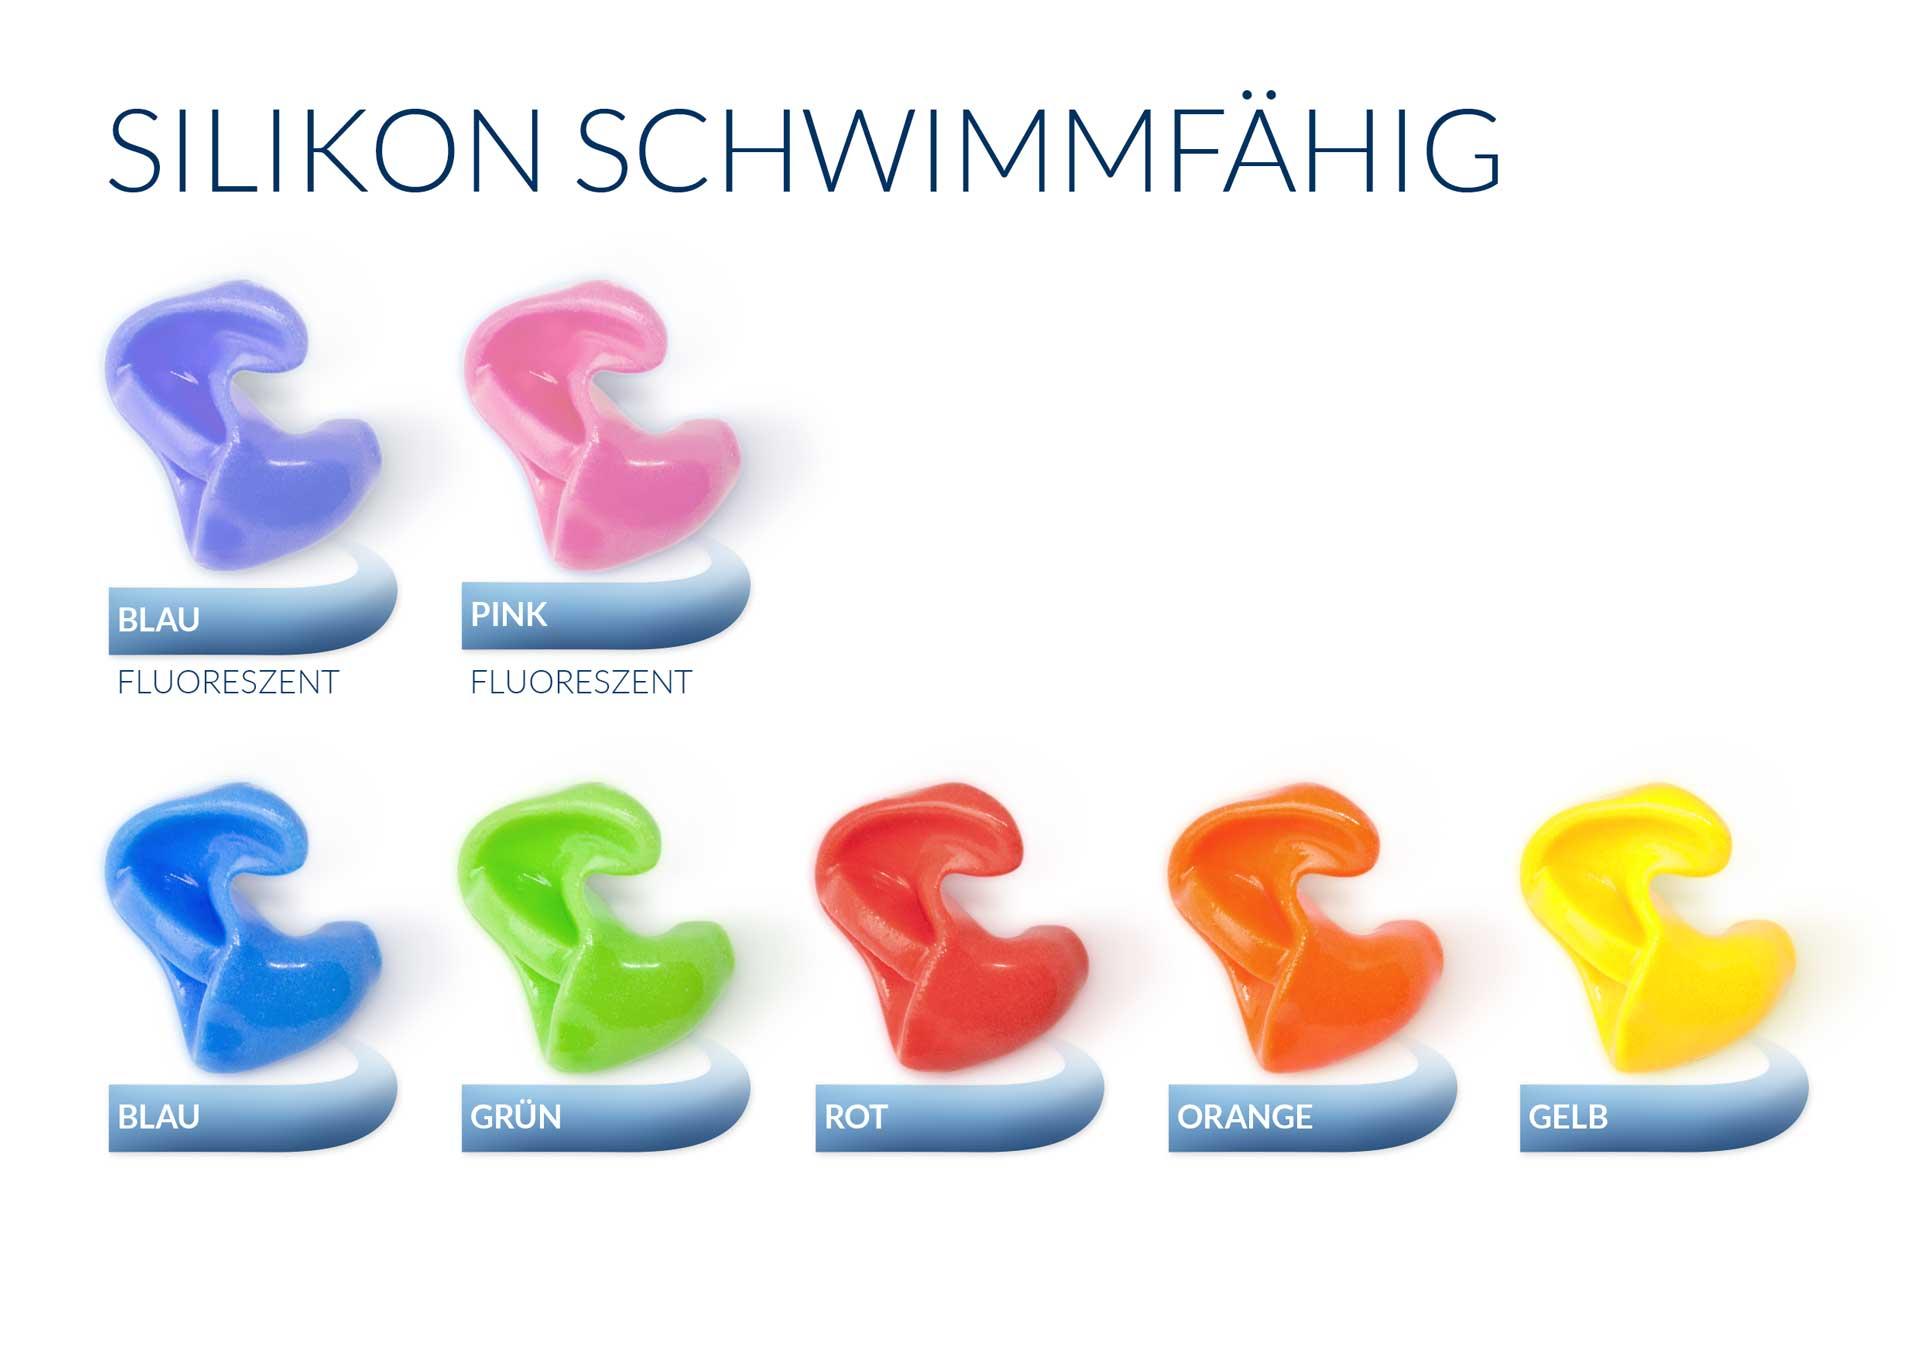 Scheinhardt Silikon (schwimmfähig) Farben